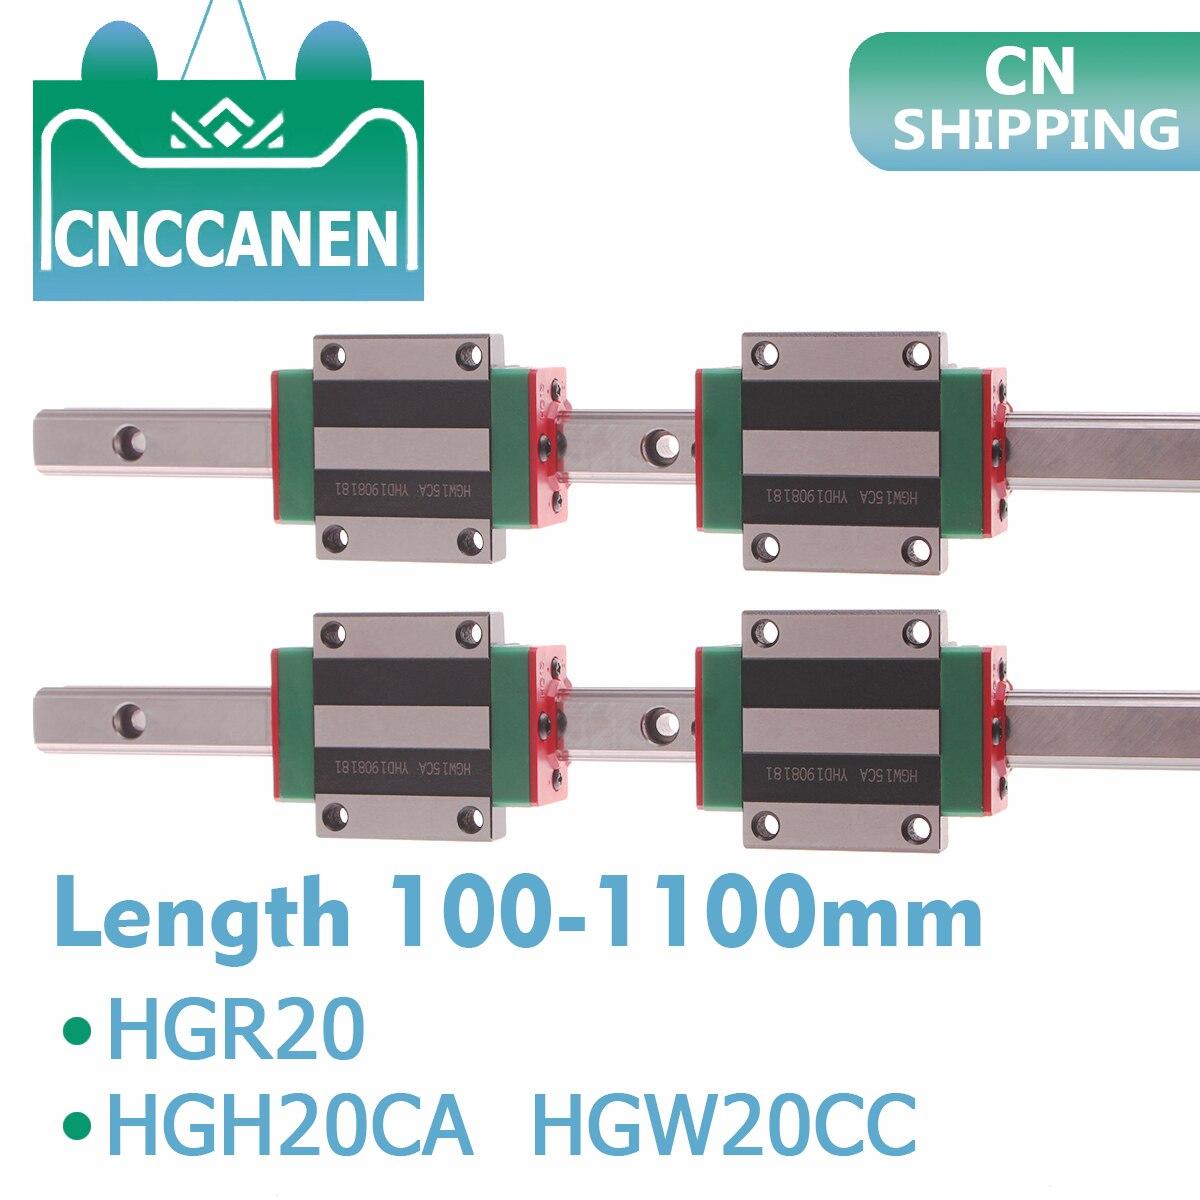 2 Pcs HGR20 HGH20 Vierkante Lineaire Geleiderail Elke Lengte + 4 Stuks Schuif Blok Vervoer HGH20CA/Flang HGW20CC cnc Parts Router Graveren